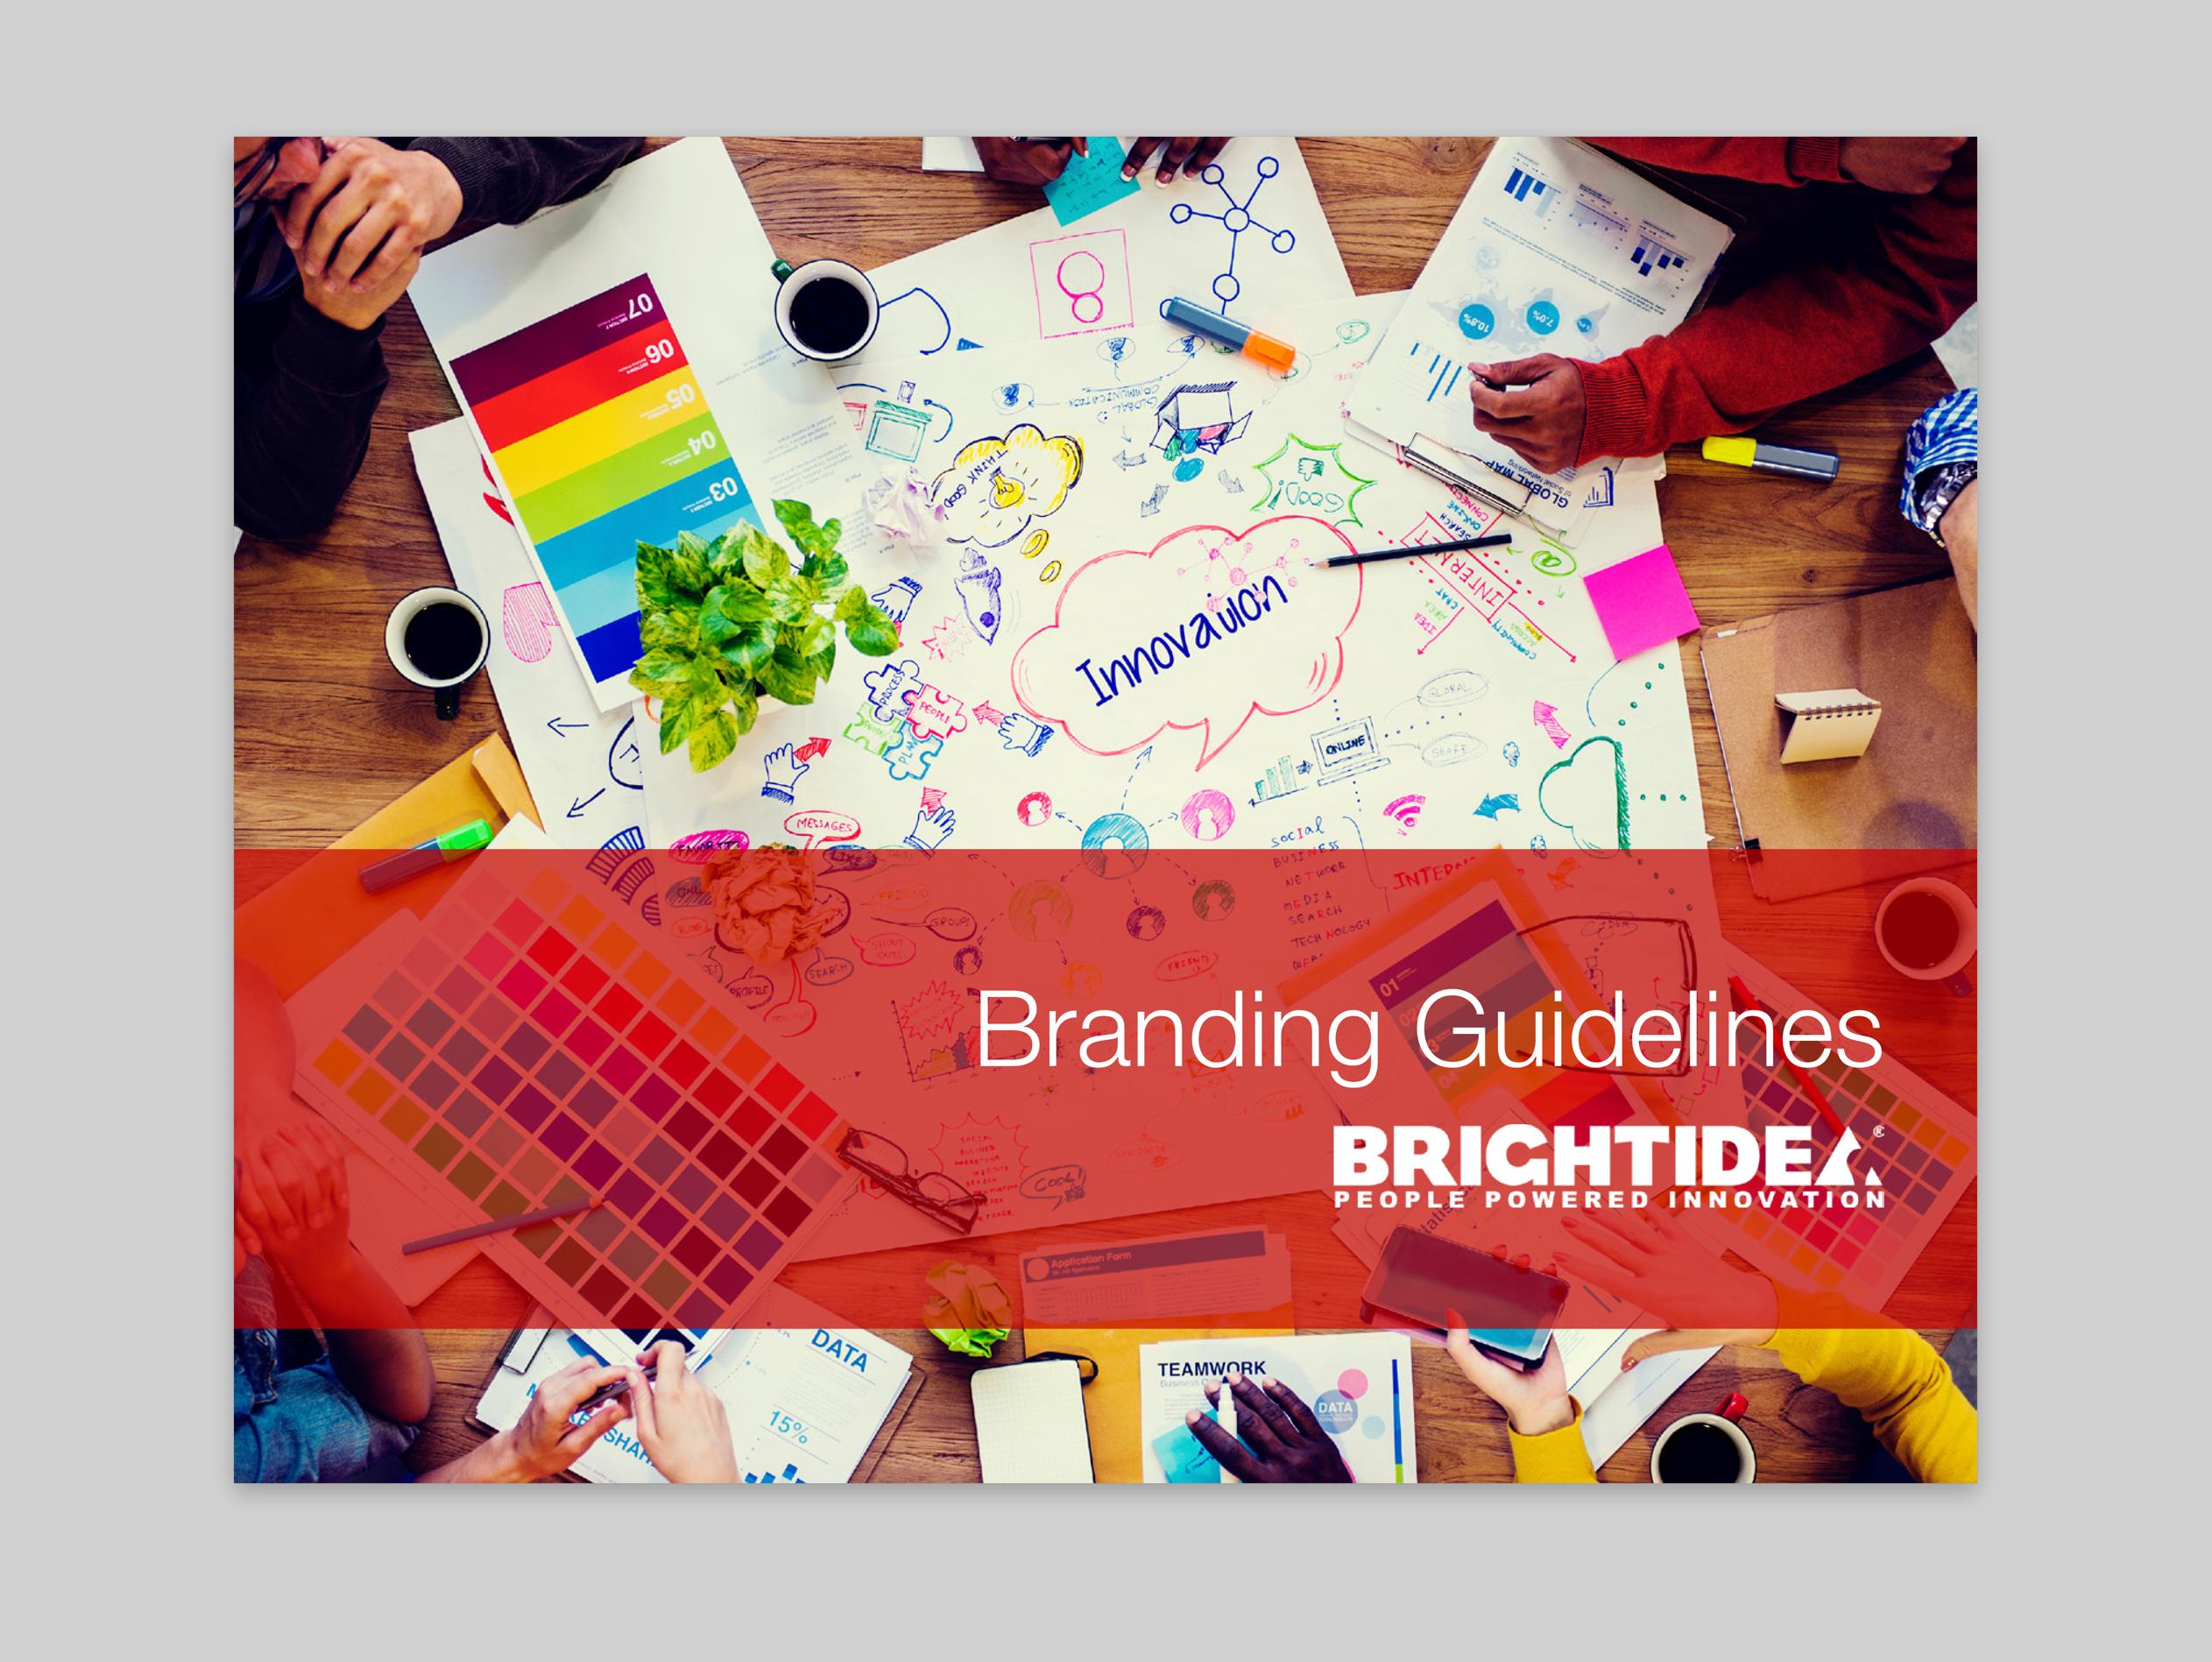 Brightidea Brand Guidelines Cover